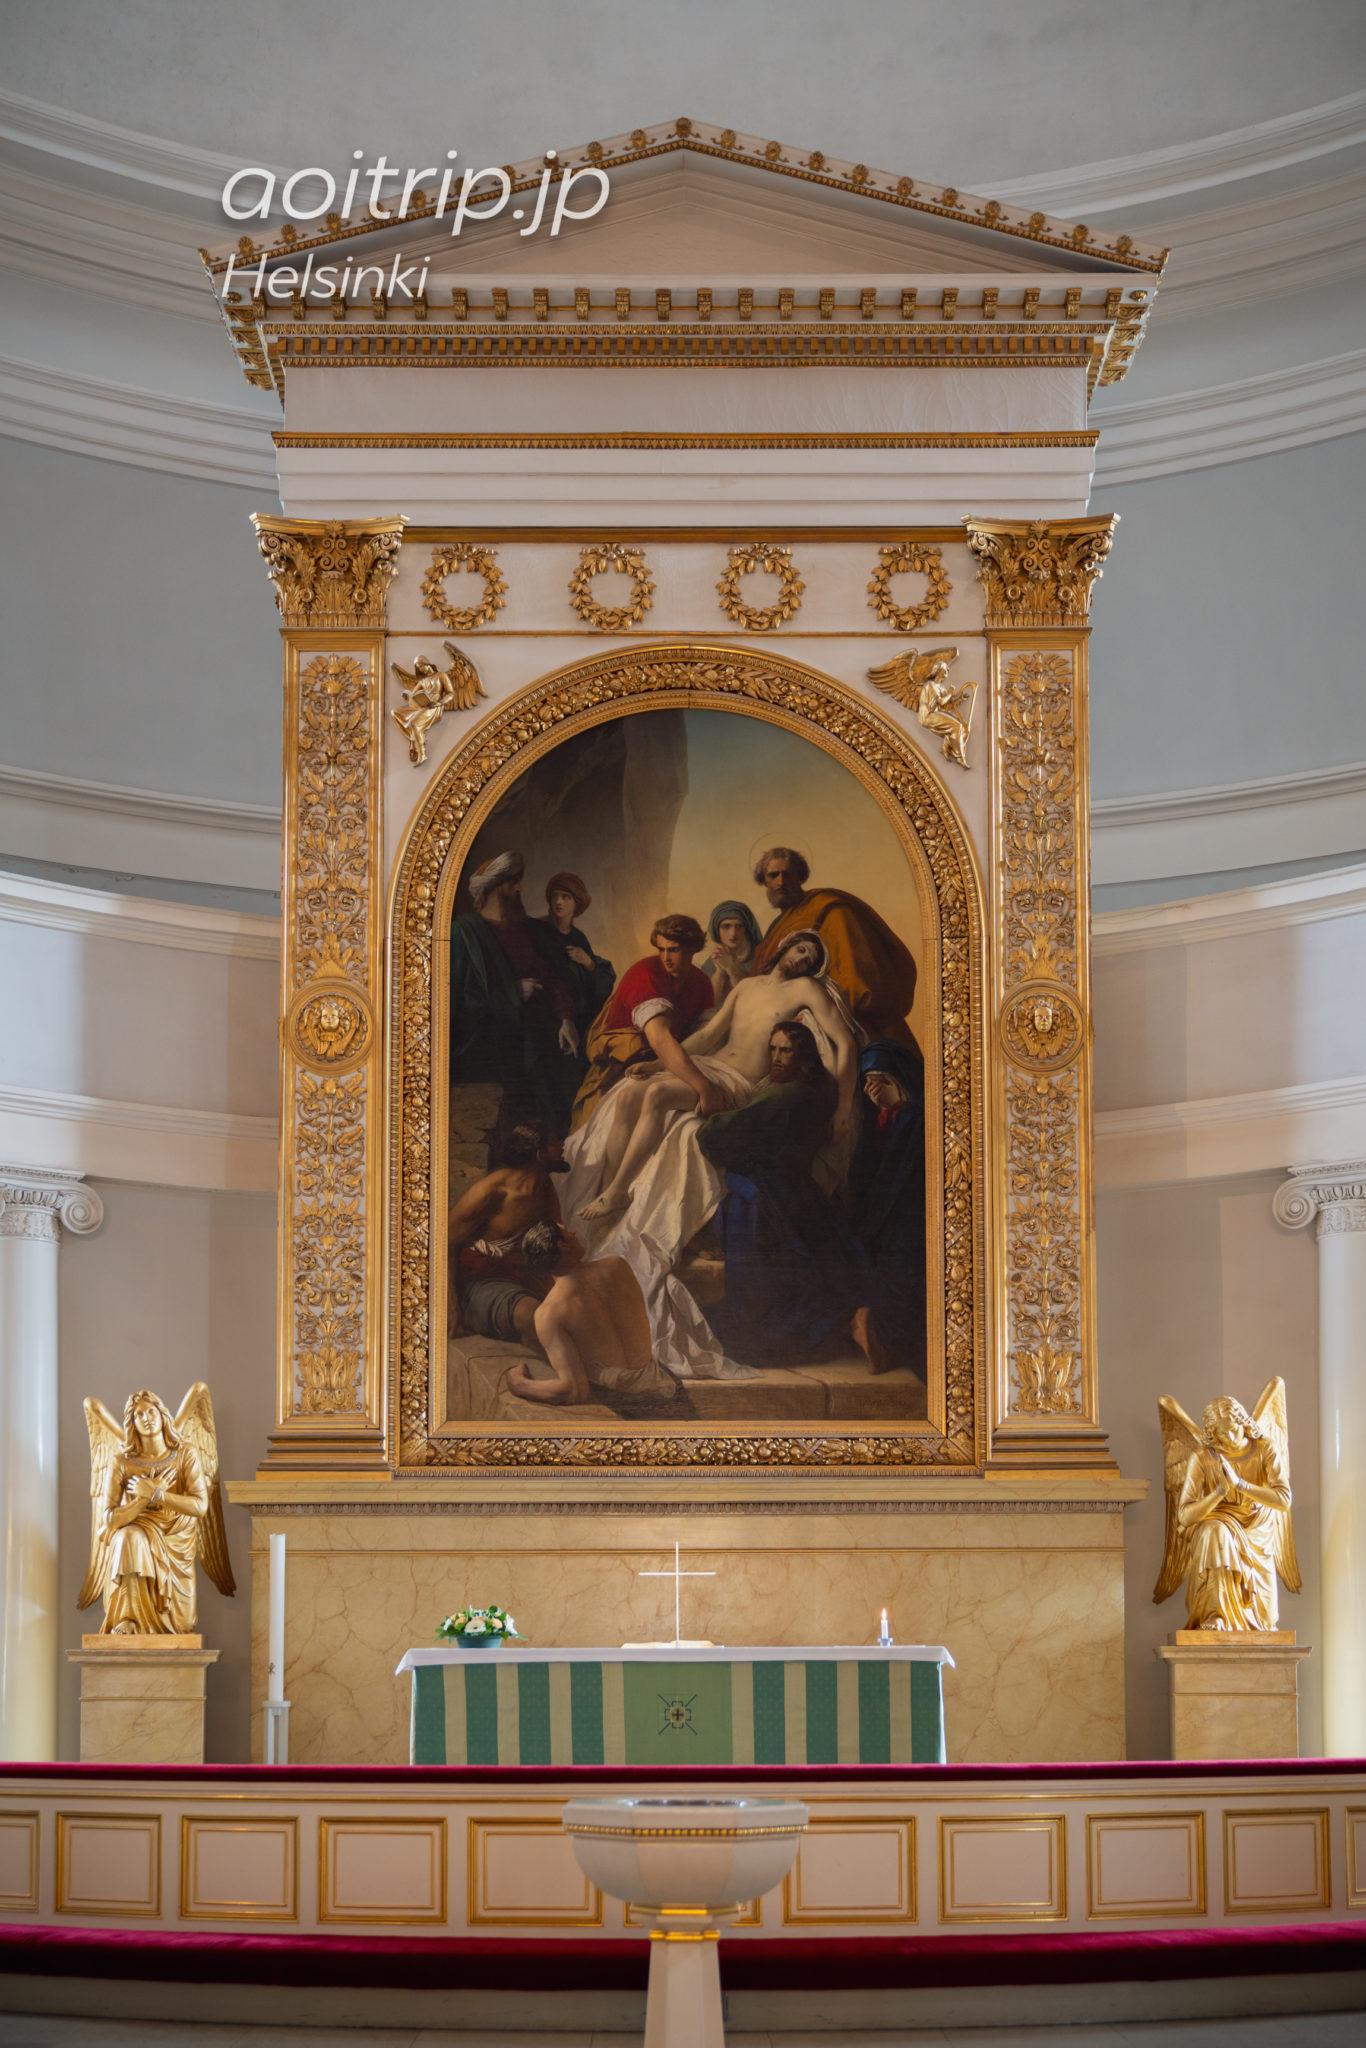 ヘルシンキ大聖堂の祭壇